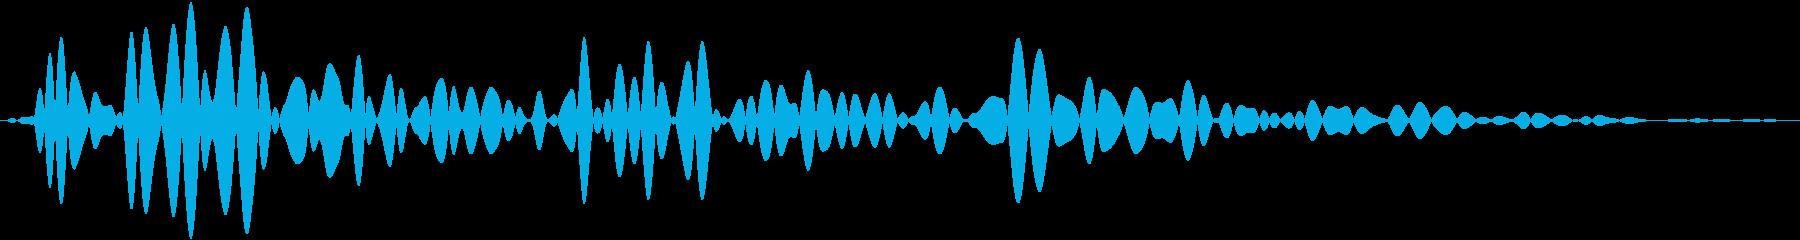 小規模爆発またはモルタル爆風:低周...の再生済みの波形